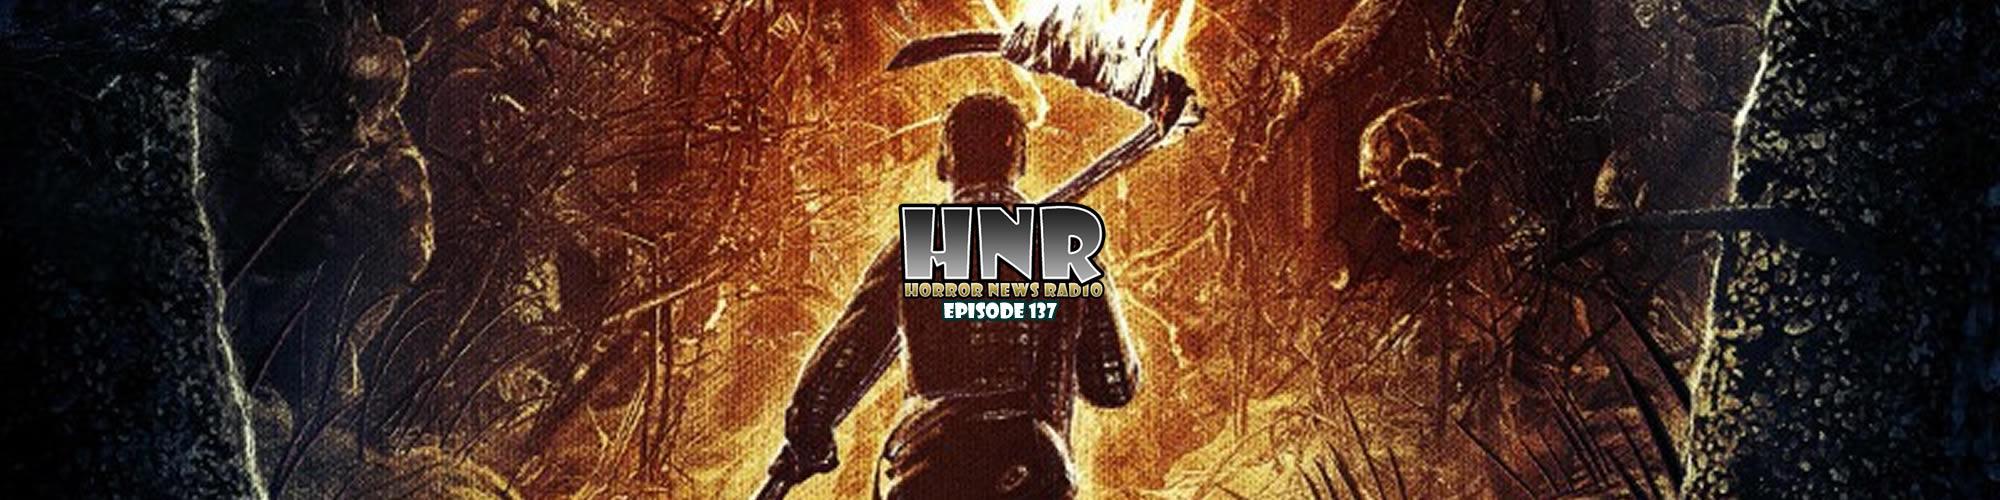 HNRSiteBanner137